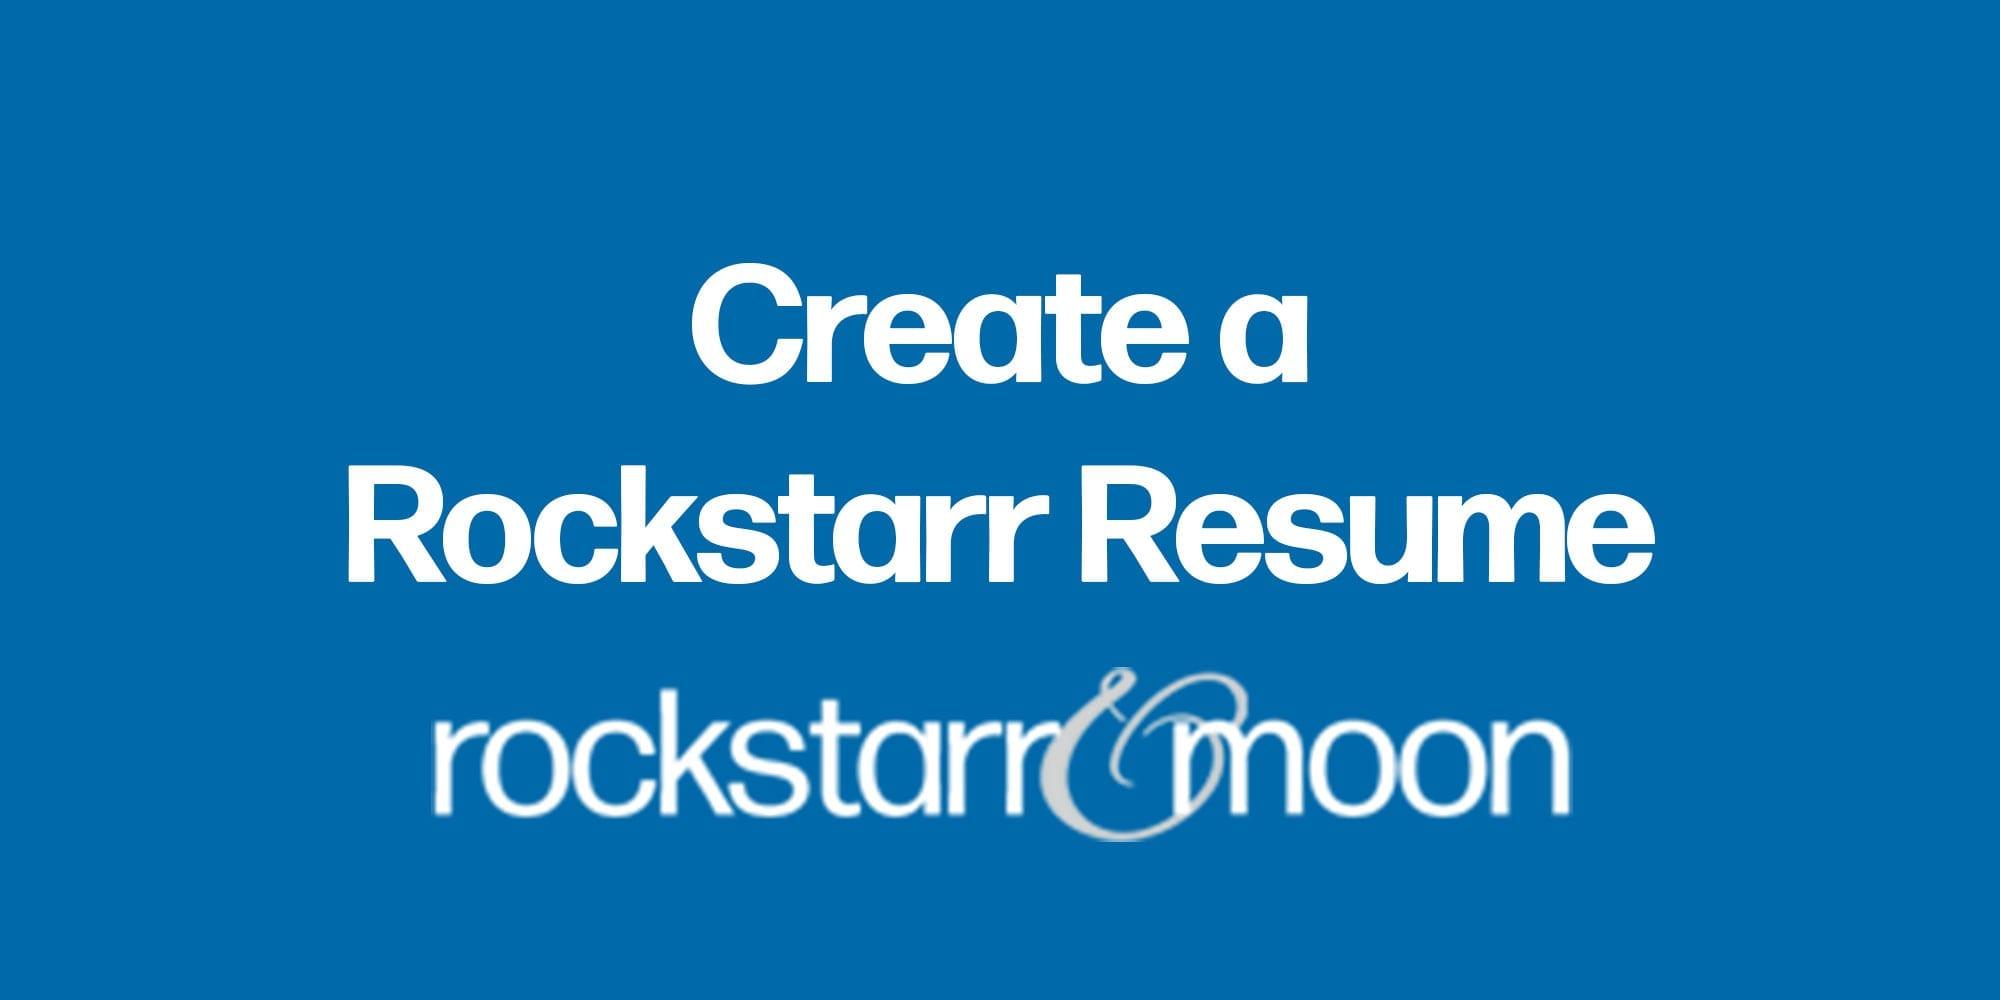 Write a Rockstarr Resume